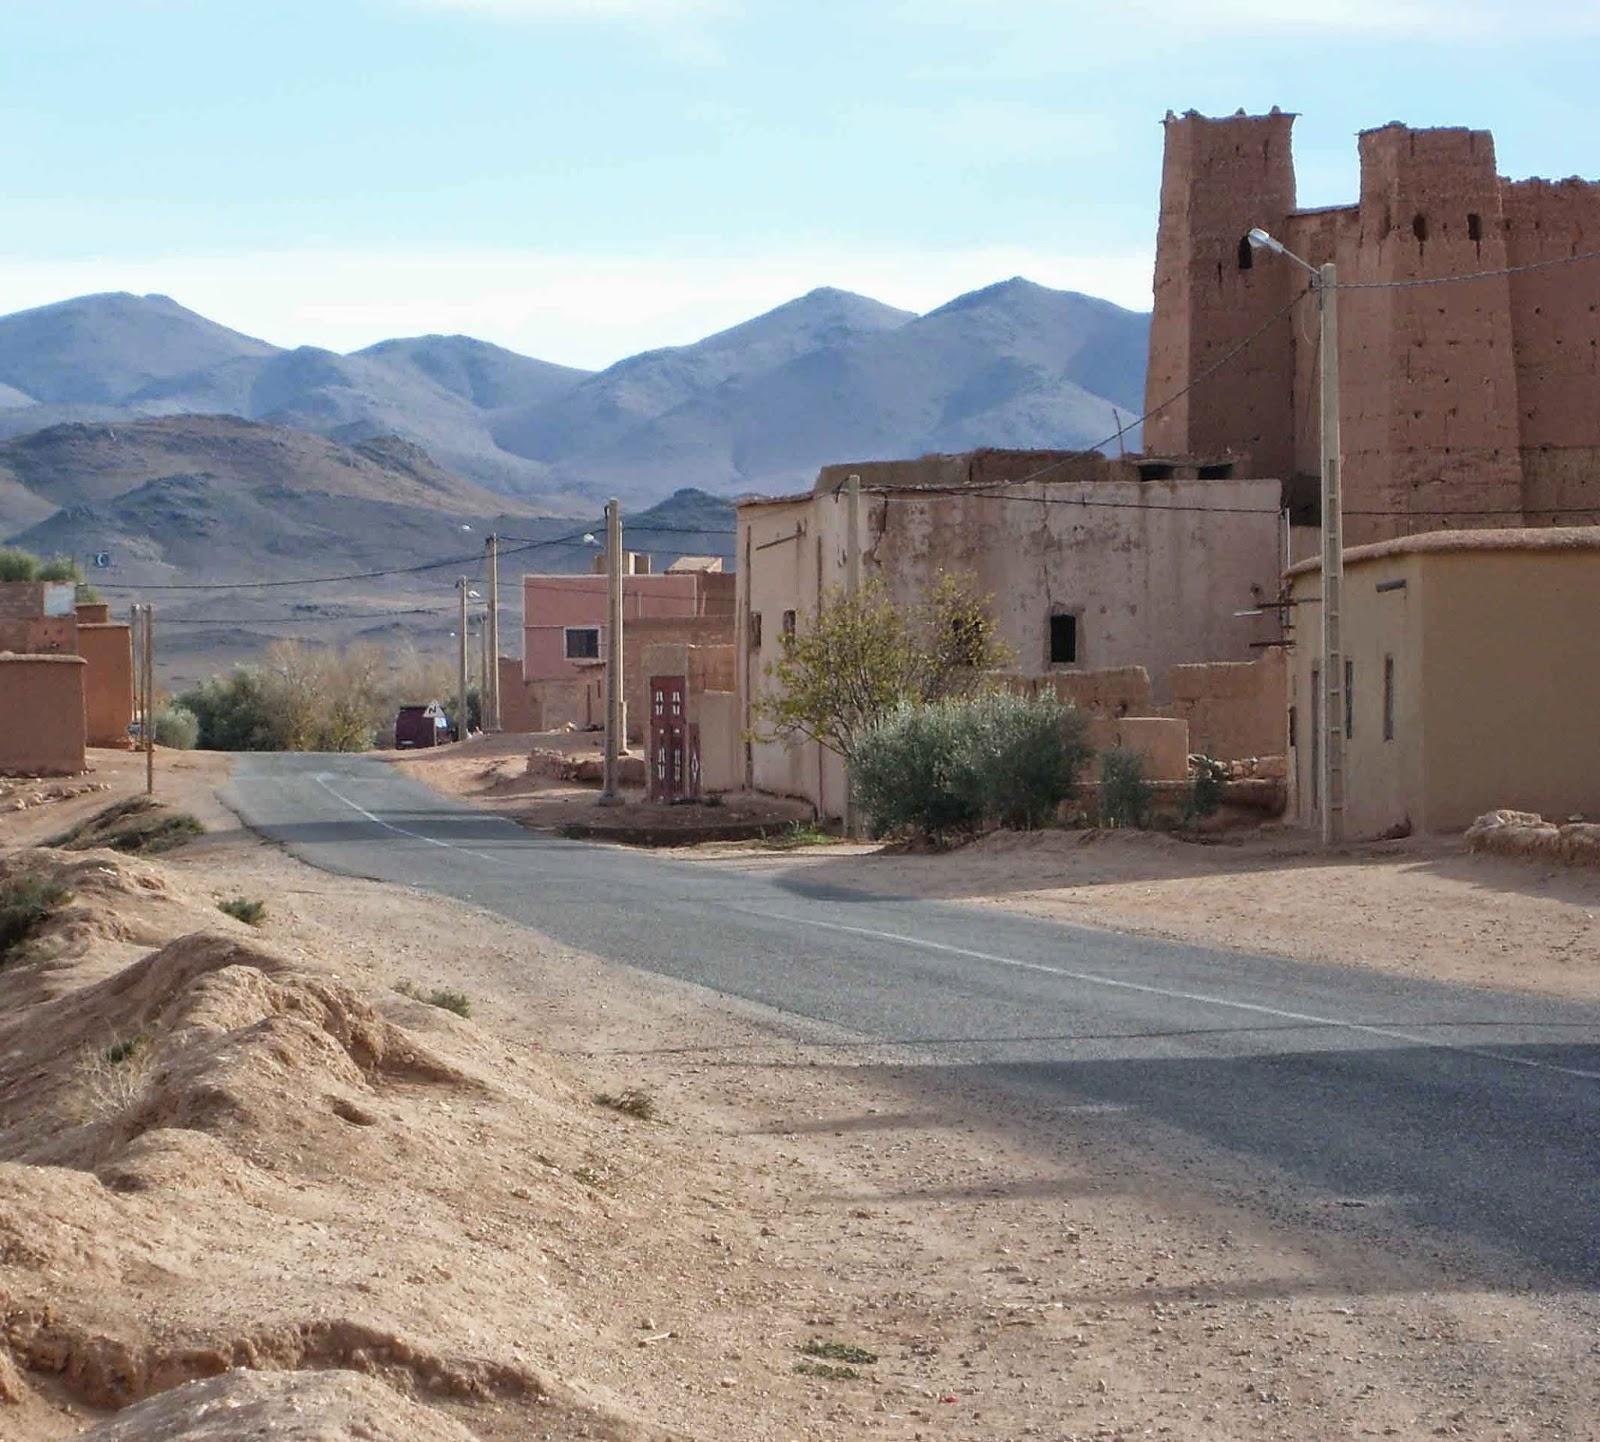 cinéma atmosphère maroc montagne